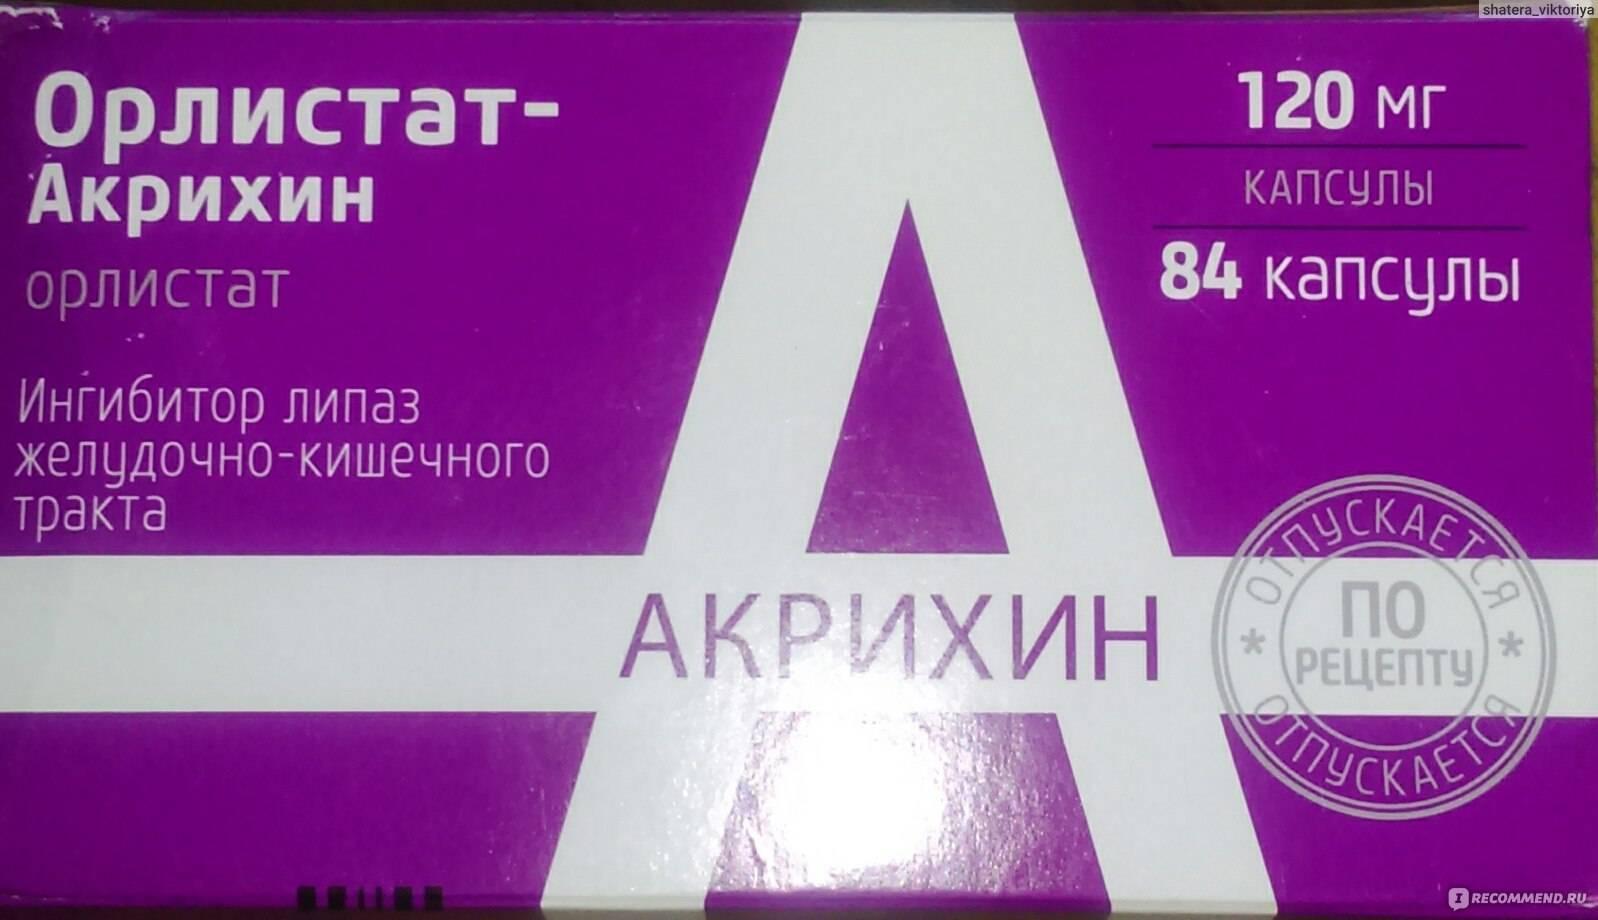 Орлистат капсулы: 2 отзыва от реальных людей. все отзывы о препаратах на сайте - otabletkah.ru